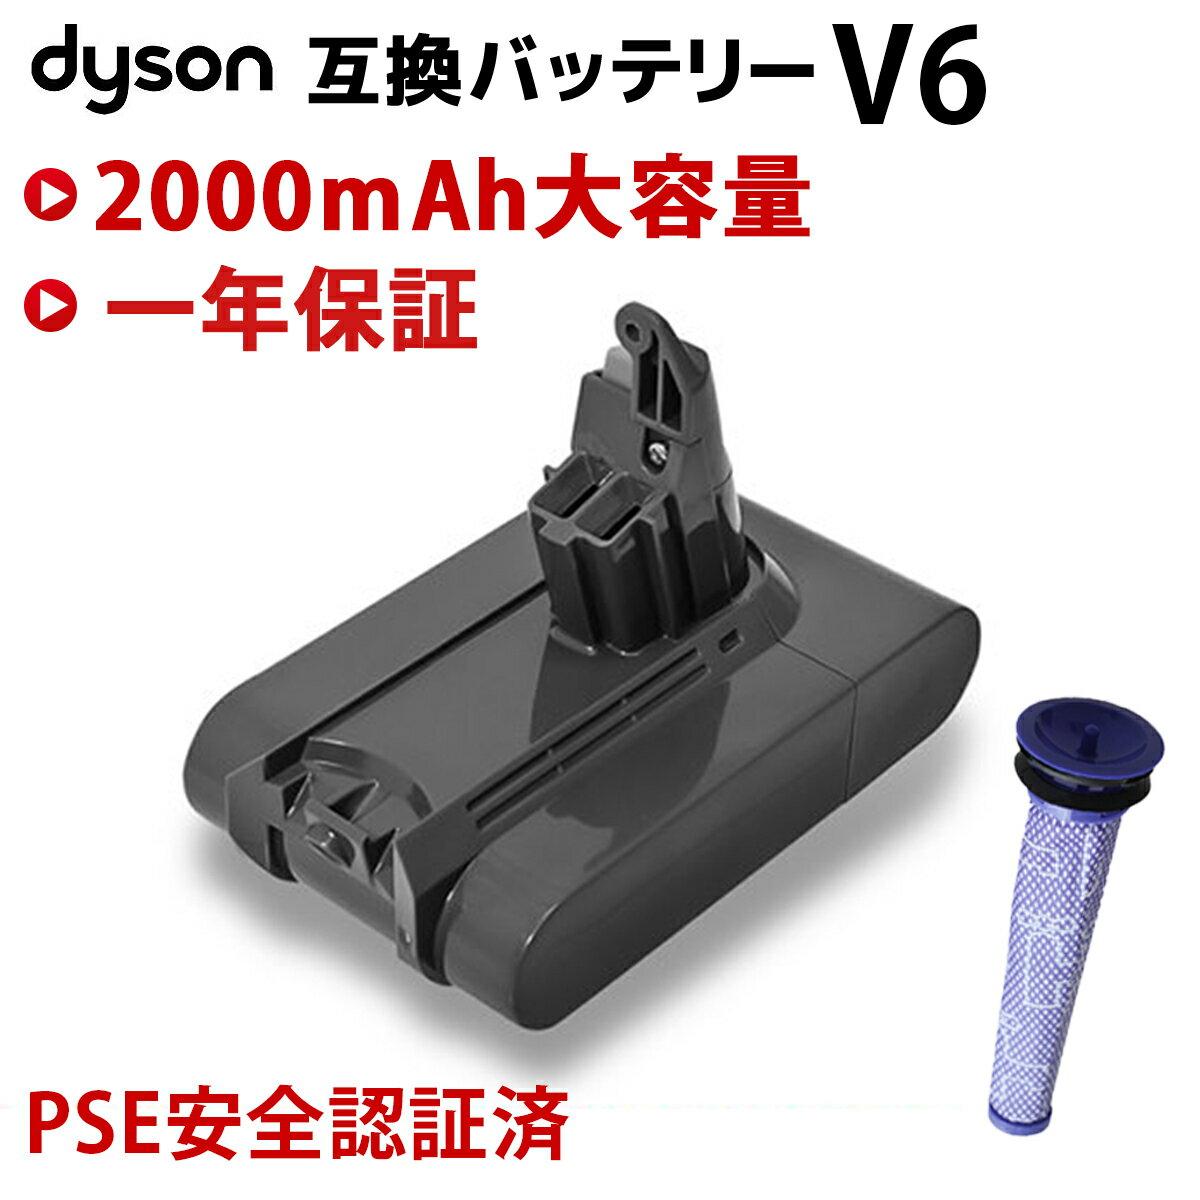 掃除機・クリーナー用アクセサリー, バッテリーパック 412AM9528045802021 1 1 dyson V6 PSE PL DC62 DC61 DC59 DC58 SV07 SV09 DC74 DC72 21.6V 2000mAh